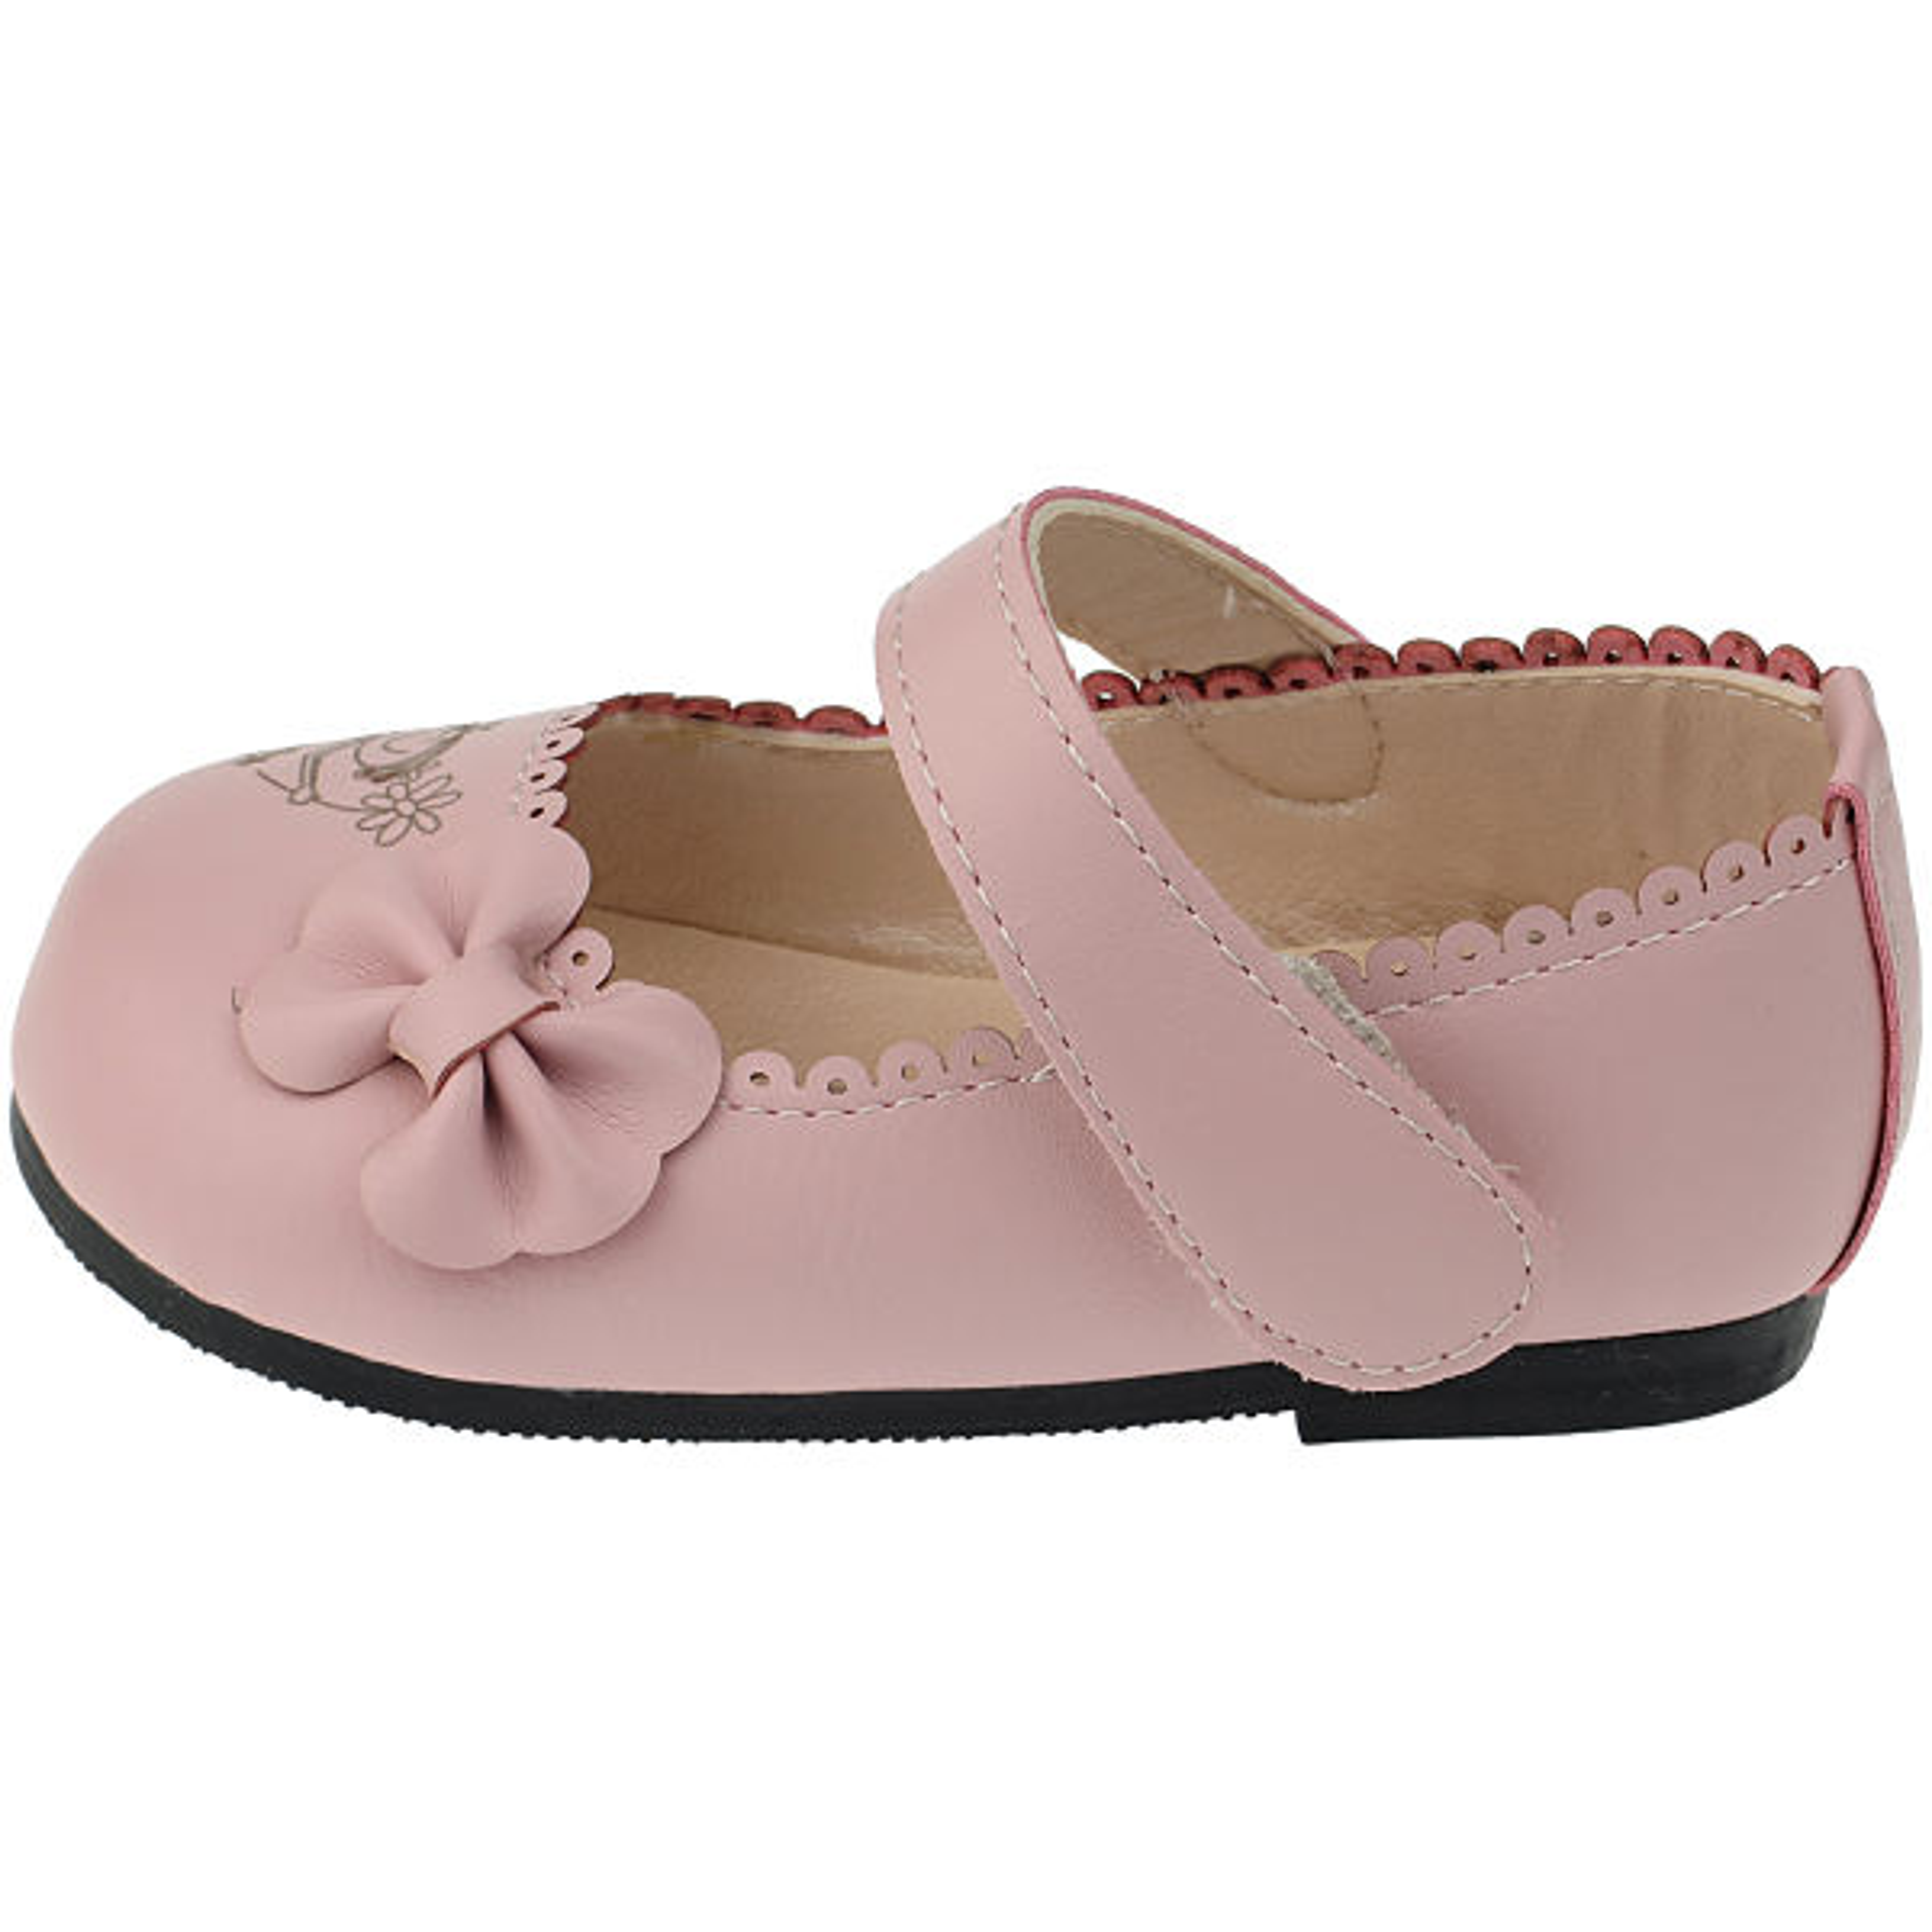 کفش دخترانه مدل انجل رنگ صورتی